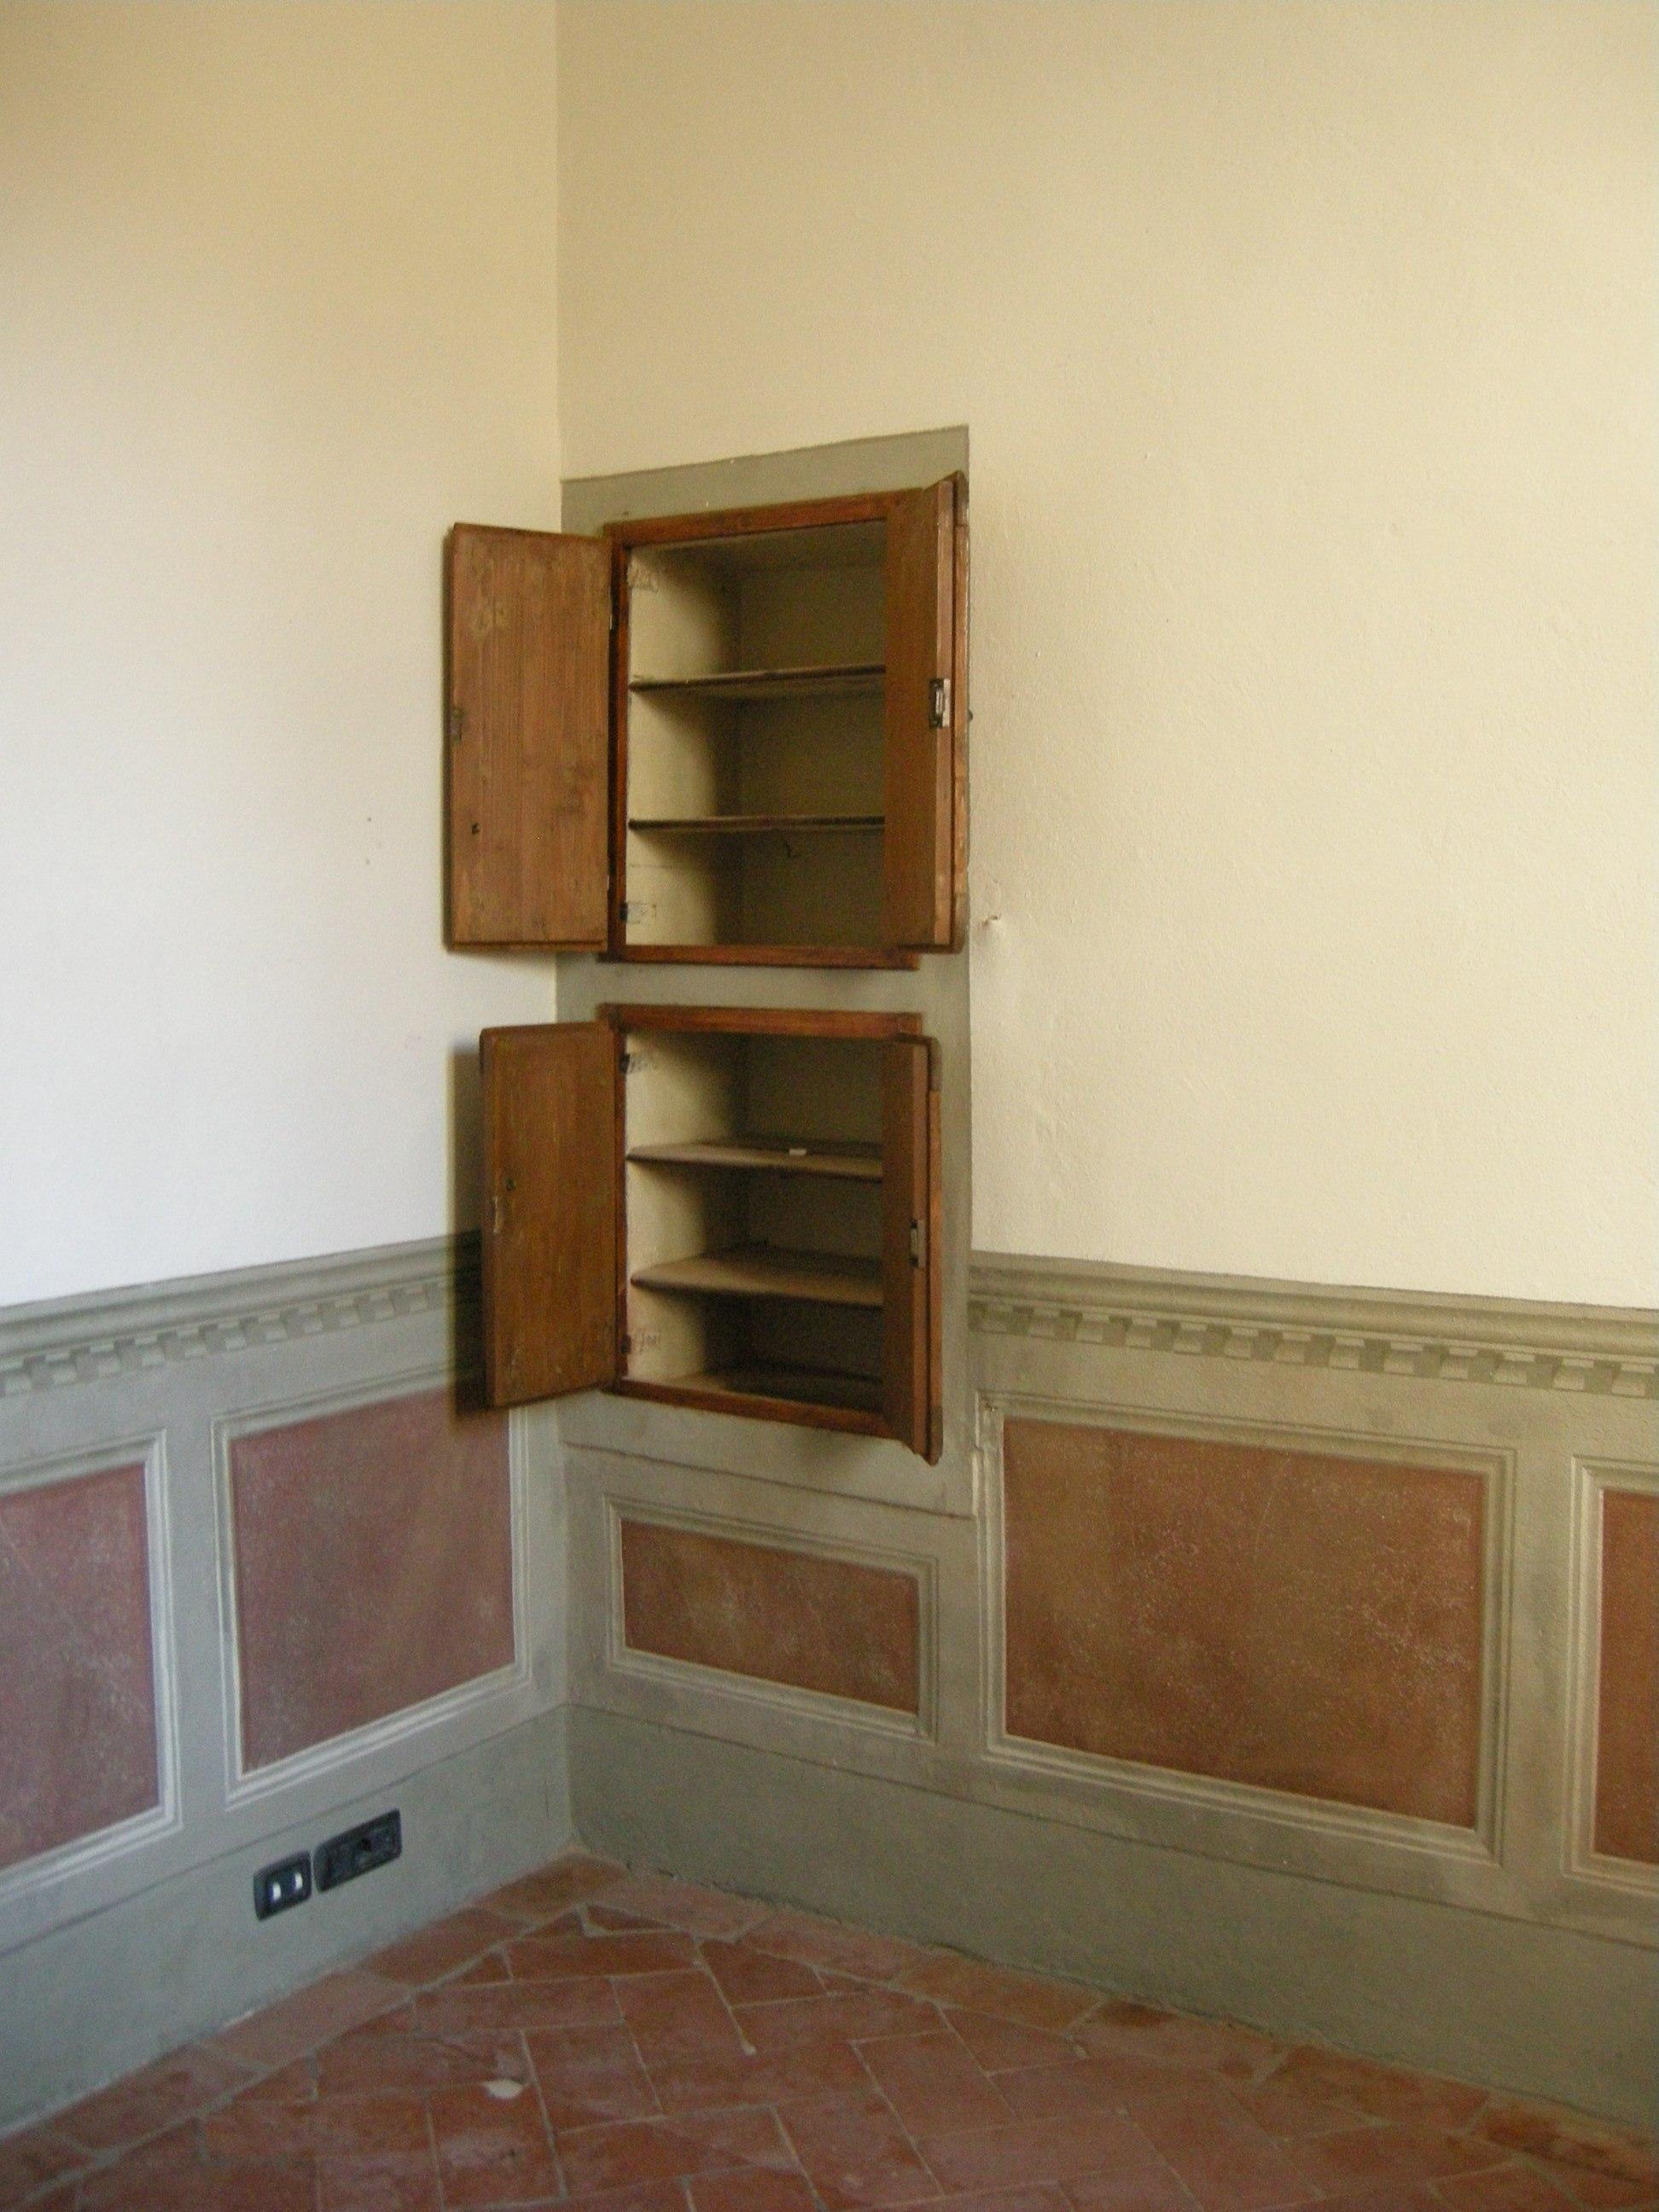 File:Castello dellacciaiolo, interno, armadio a muro.JPG - Wikimedia Com...